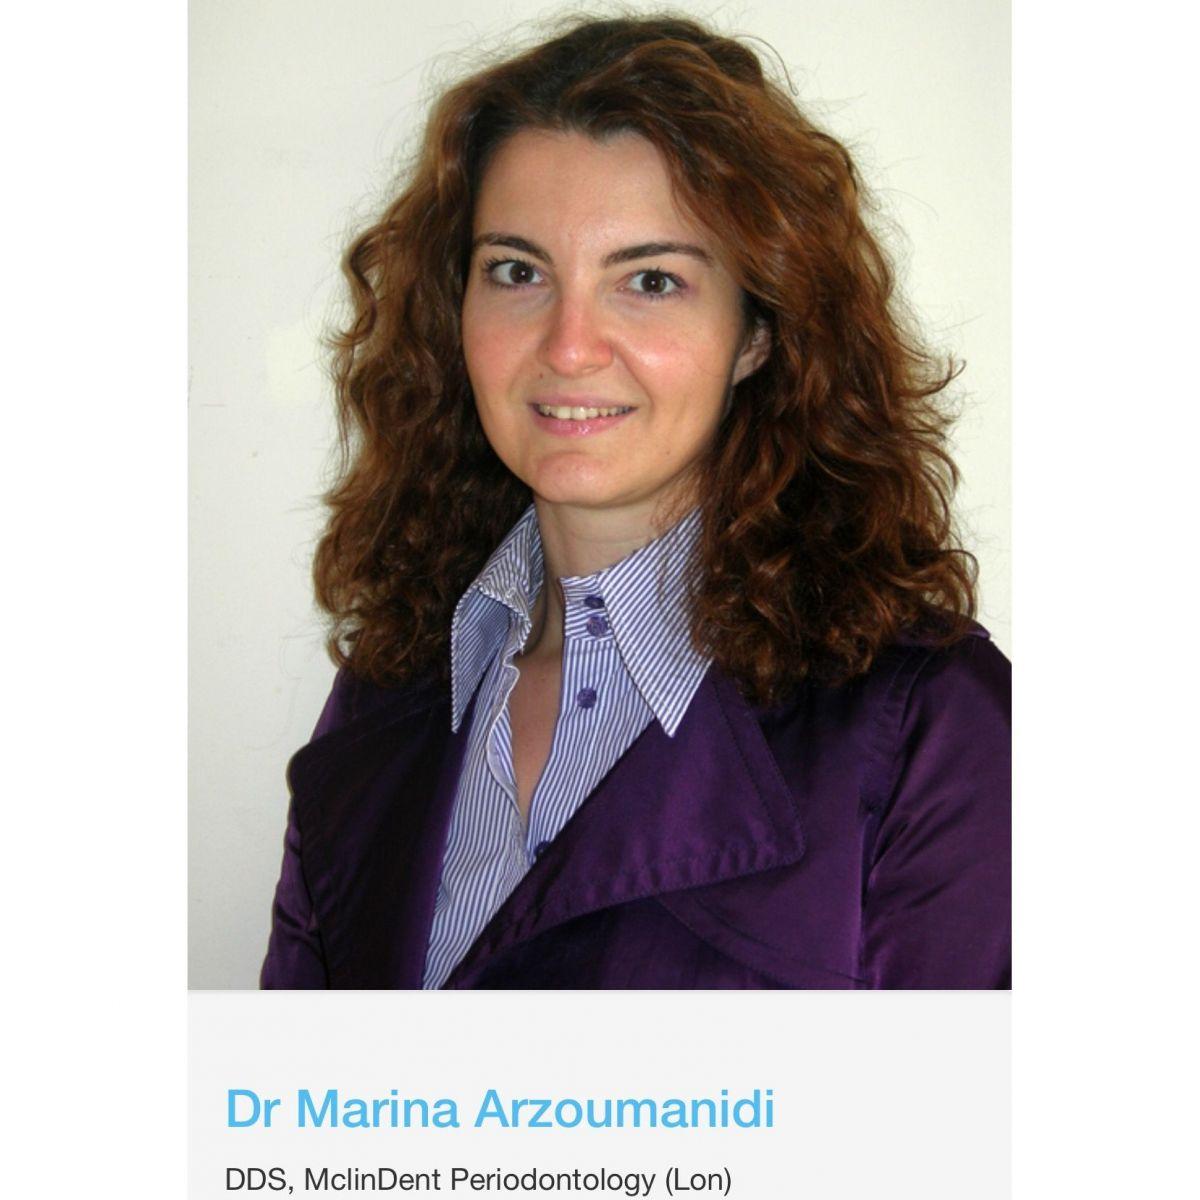 Marina Arzoumanidi